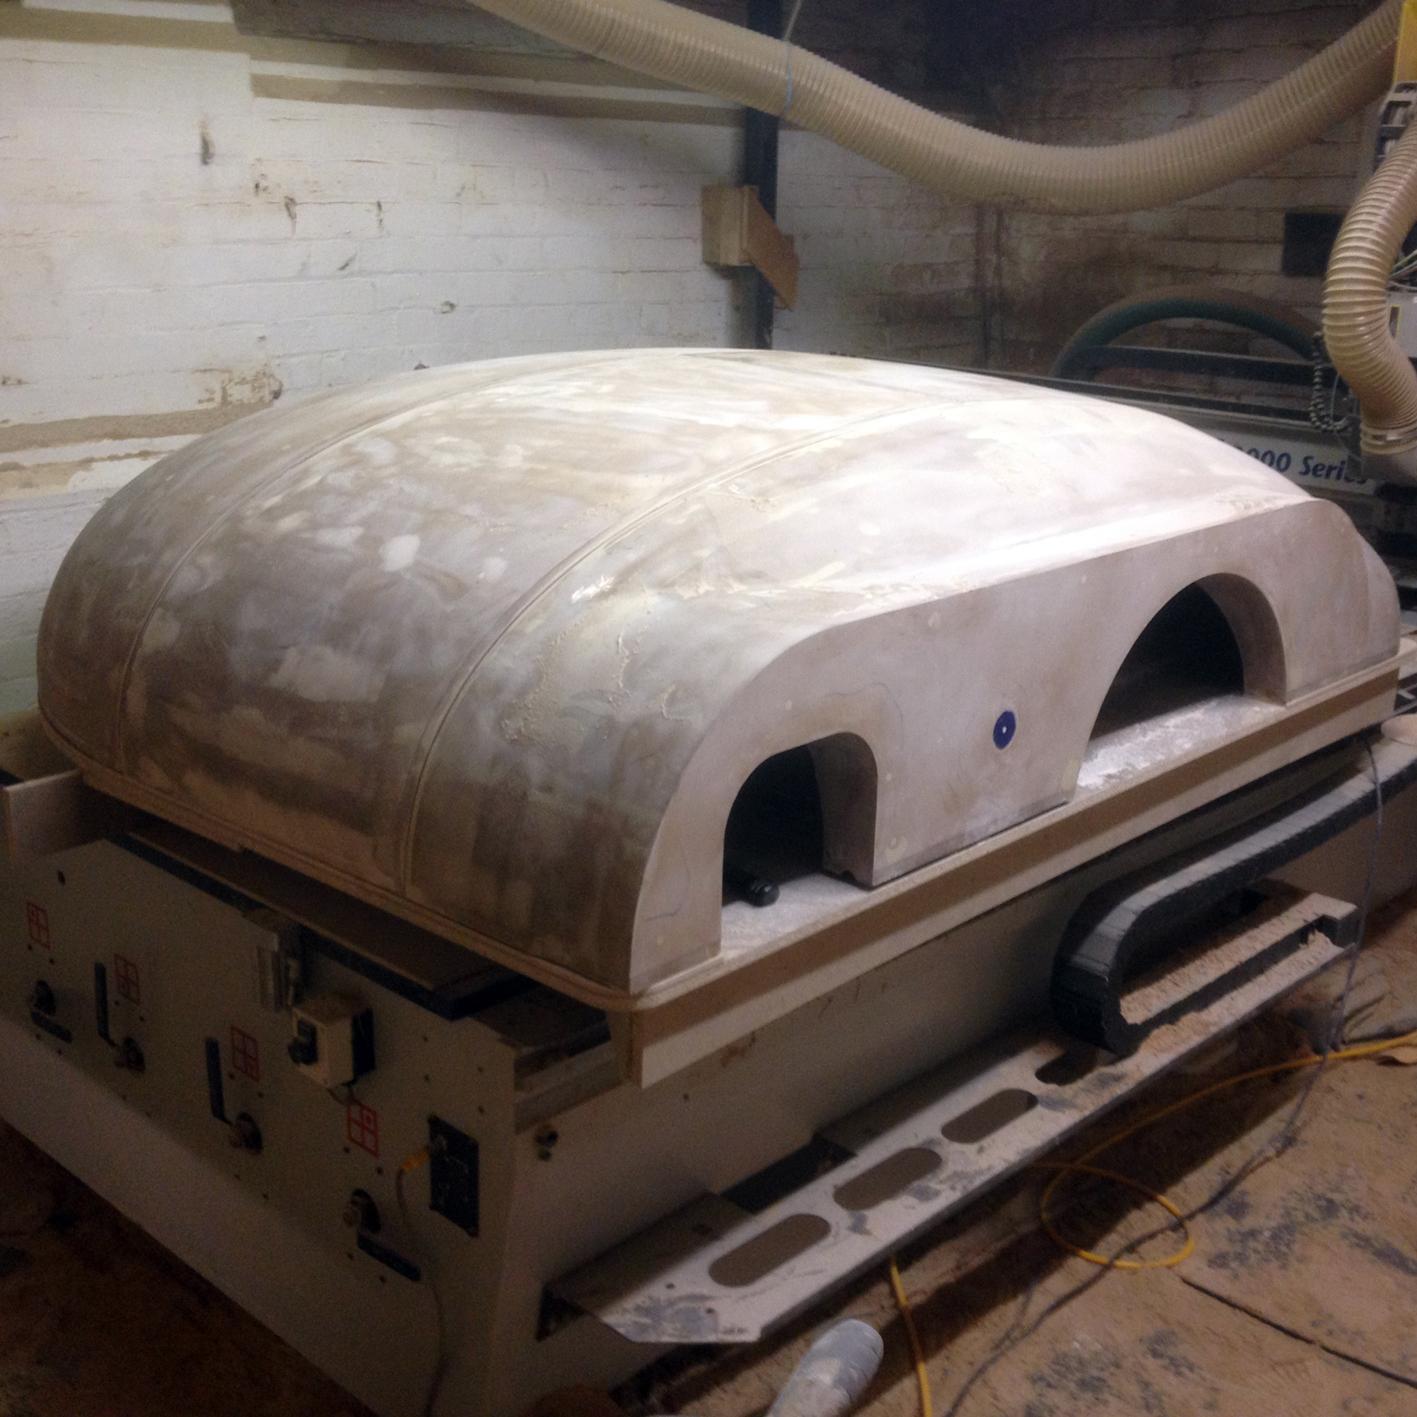 mossimo-pizza-oven